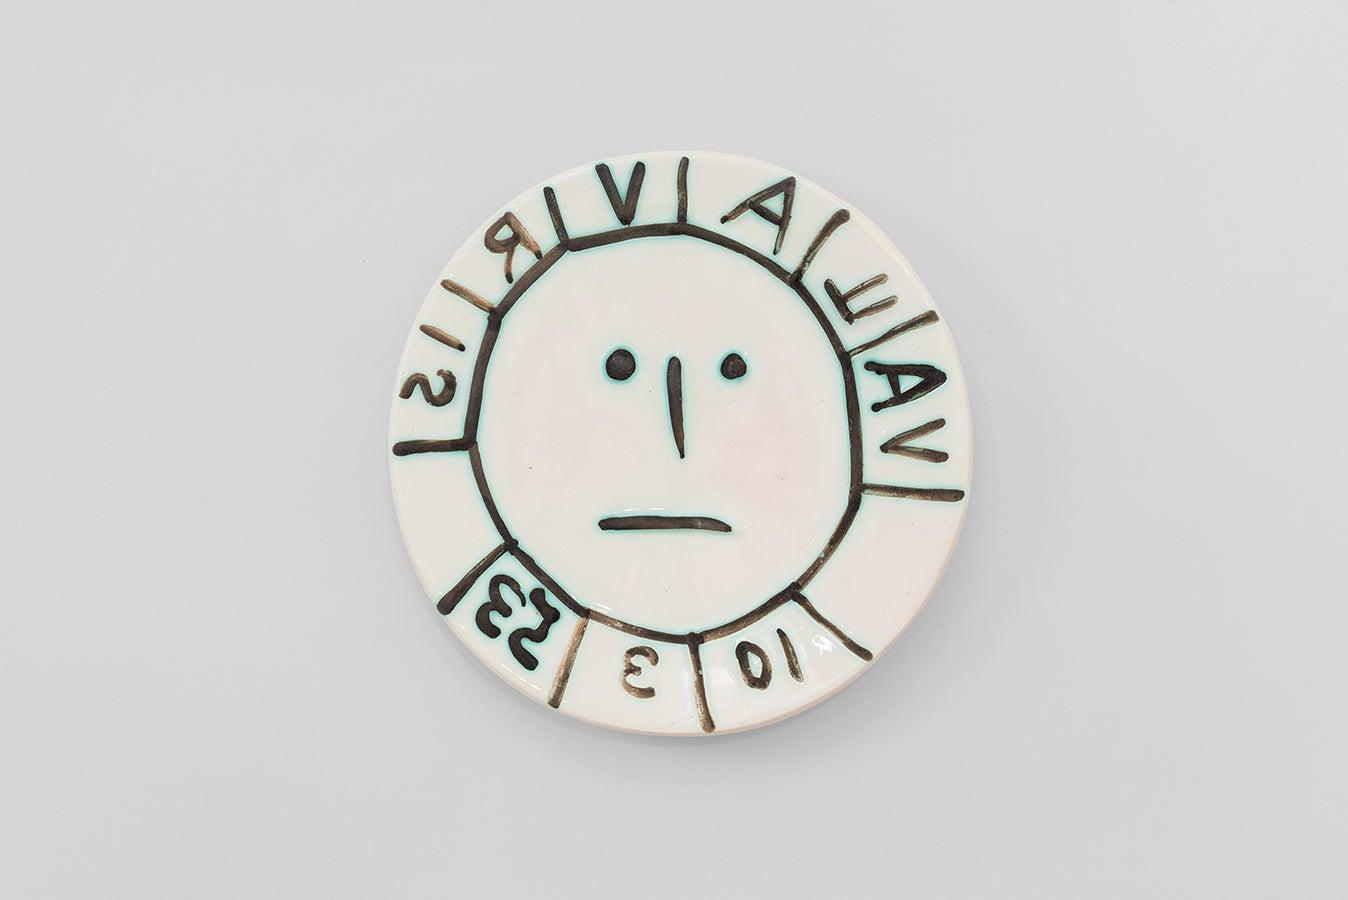 Pablo Picasso - Madoura Ceramic: Vallauris